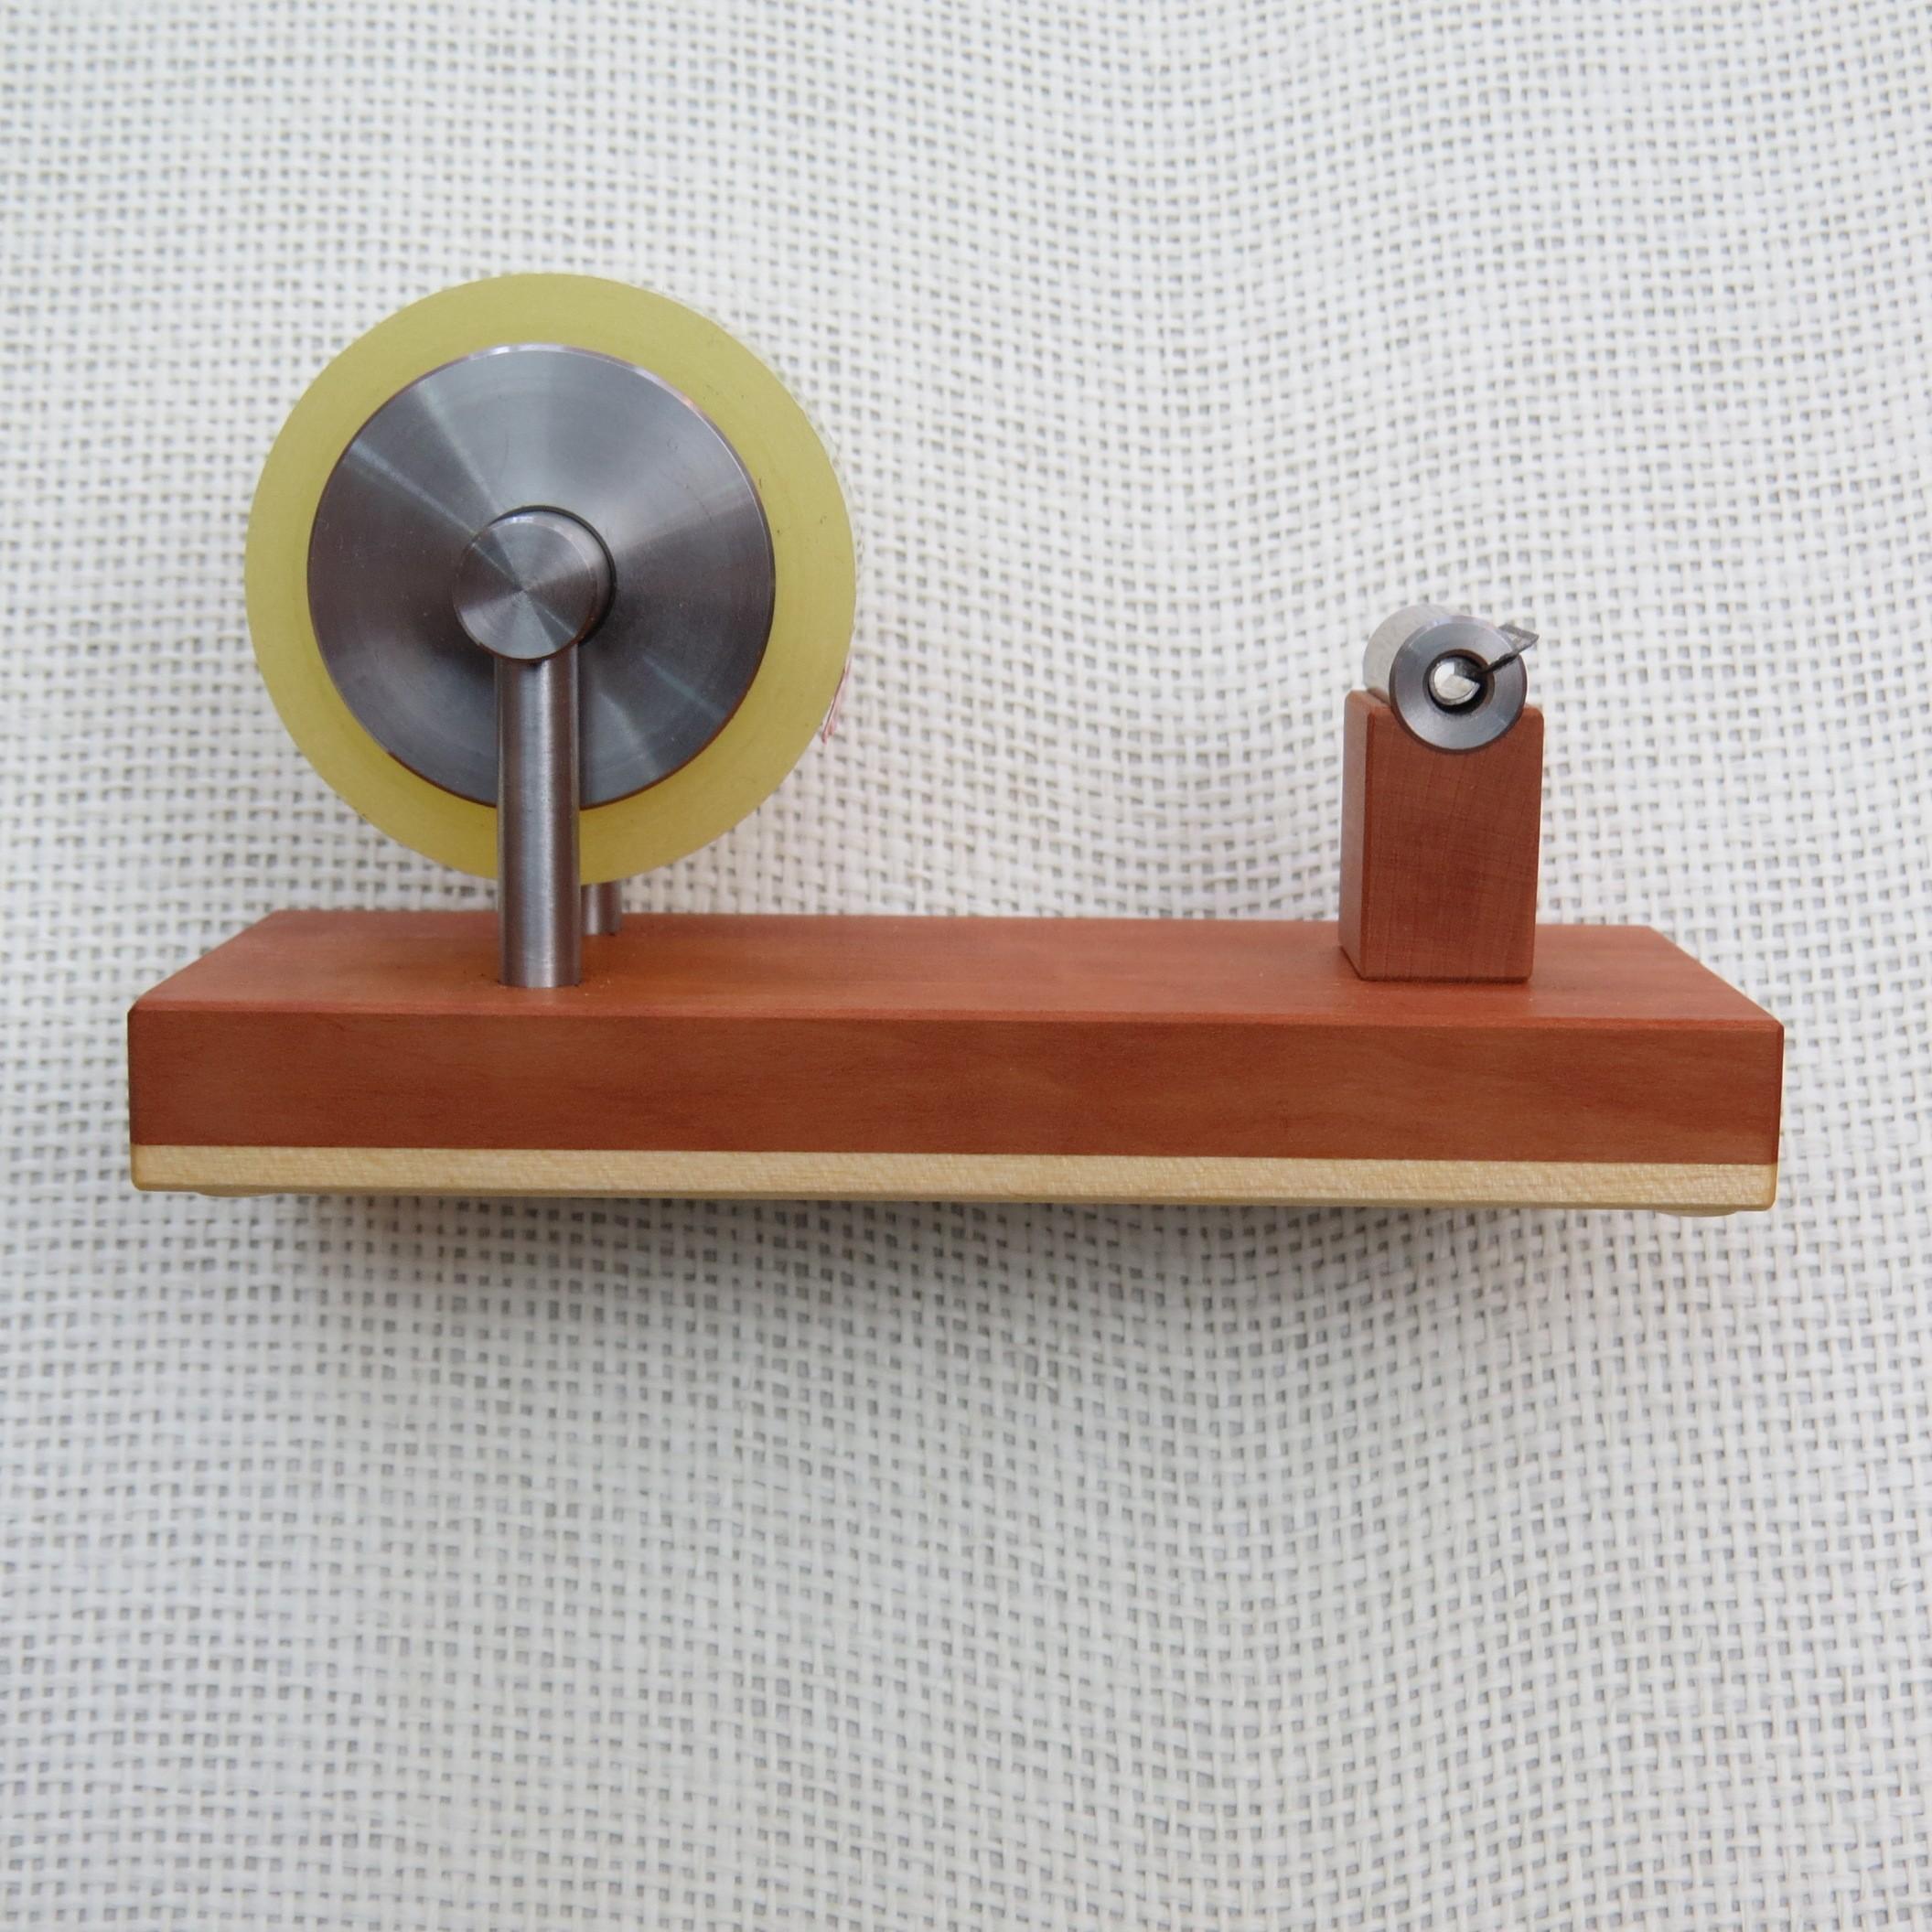 Klebestreifenabroller aus Birnenholz + Ahornholz